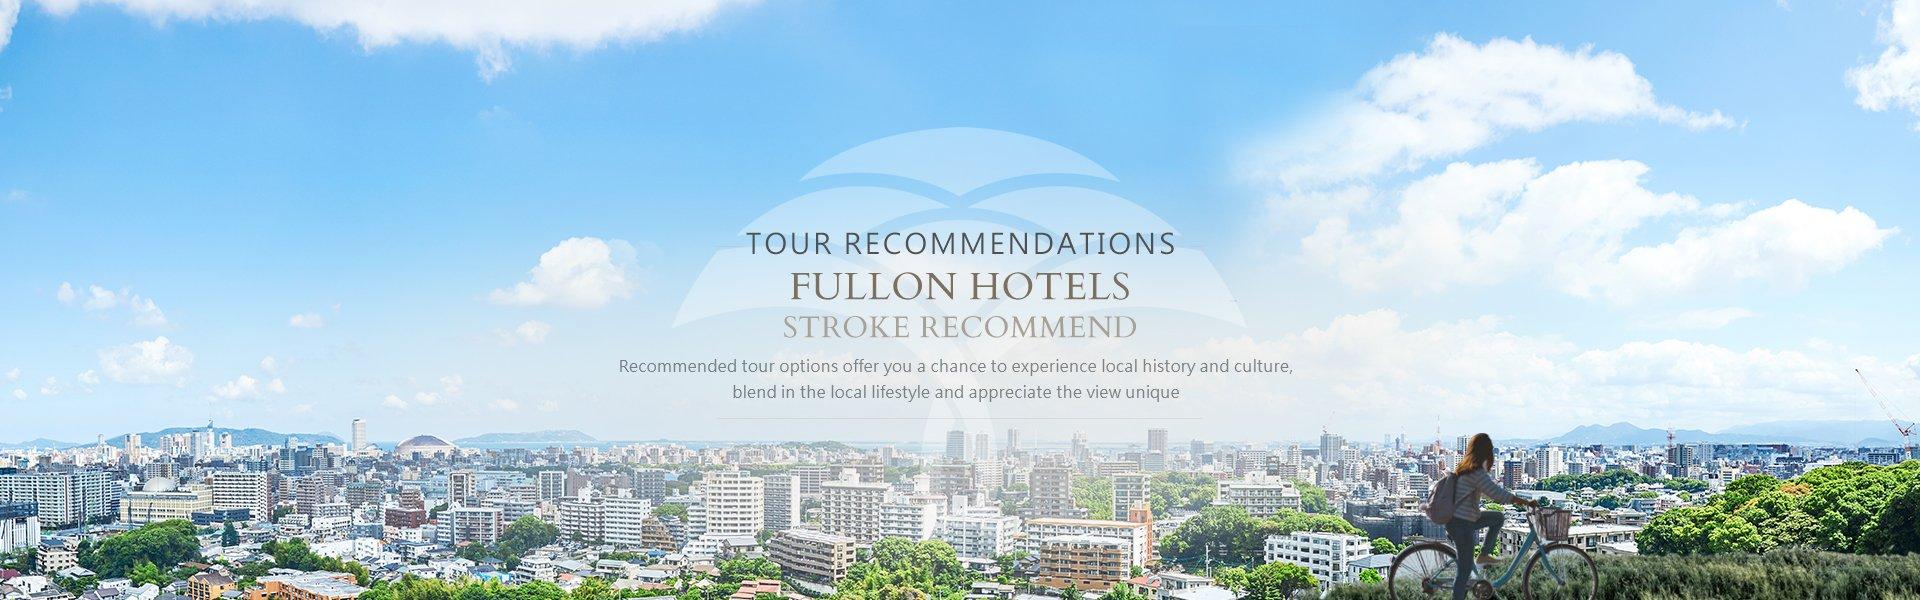 Tour Recommendations